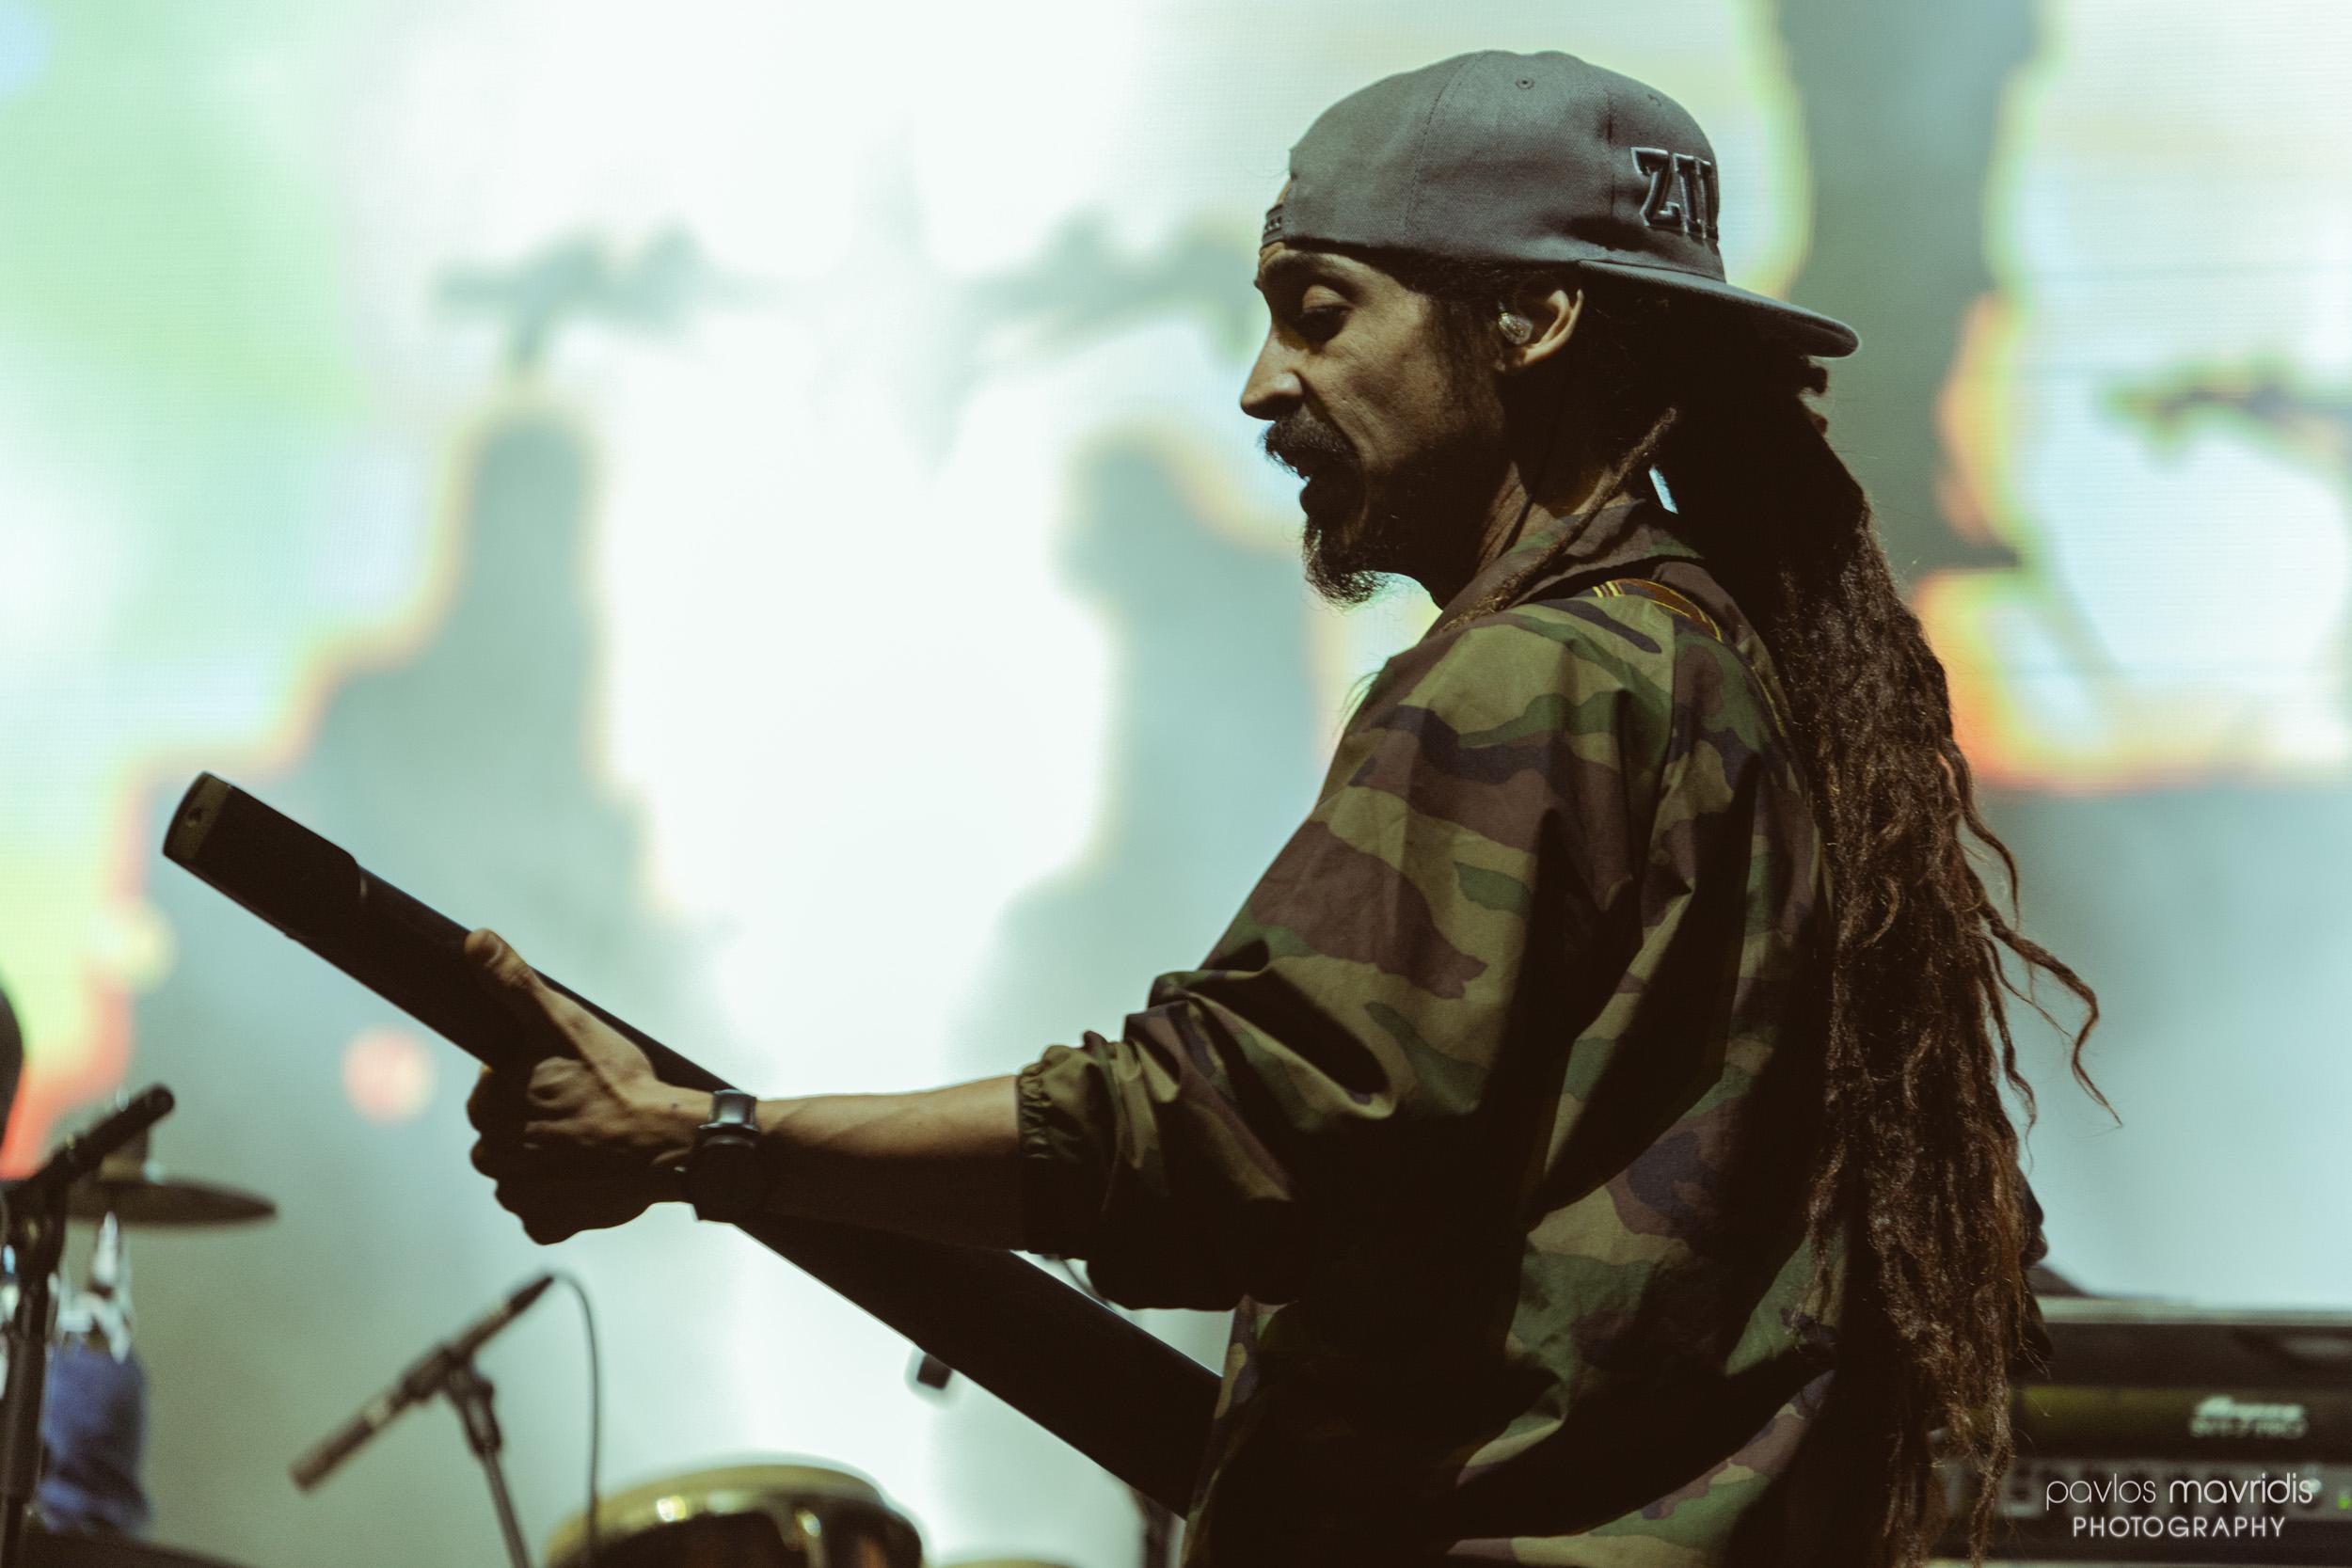 Damian Jr. Gong Marley_08_hires_web.jpg